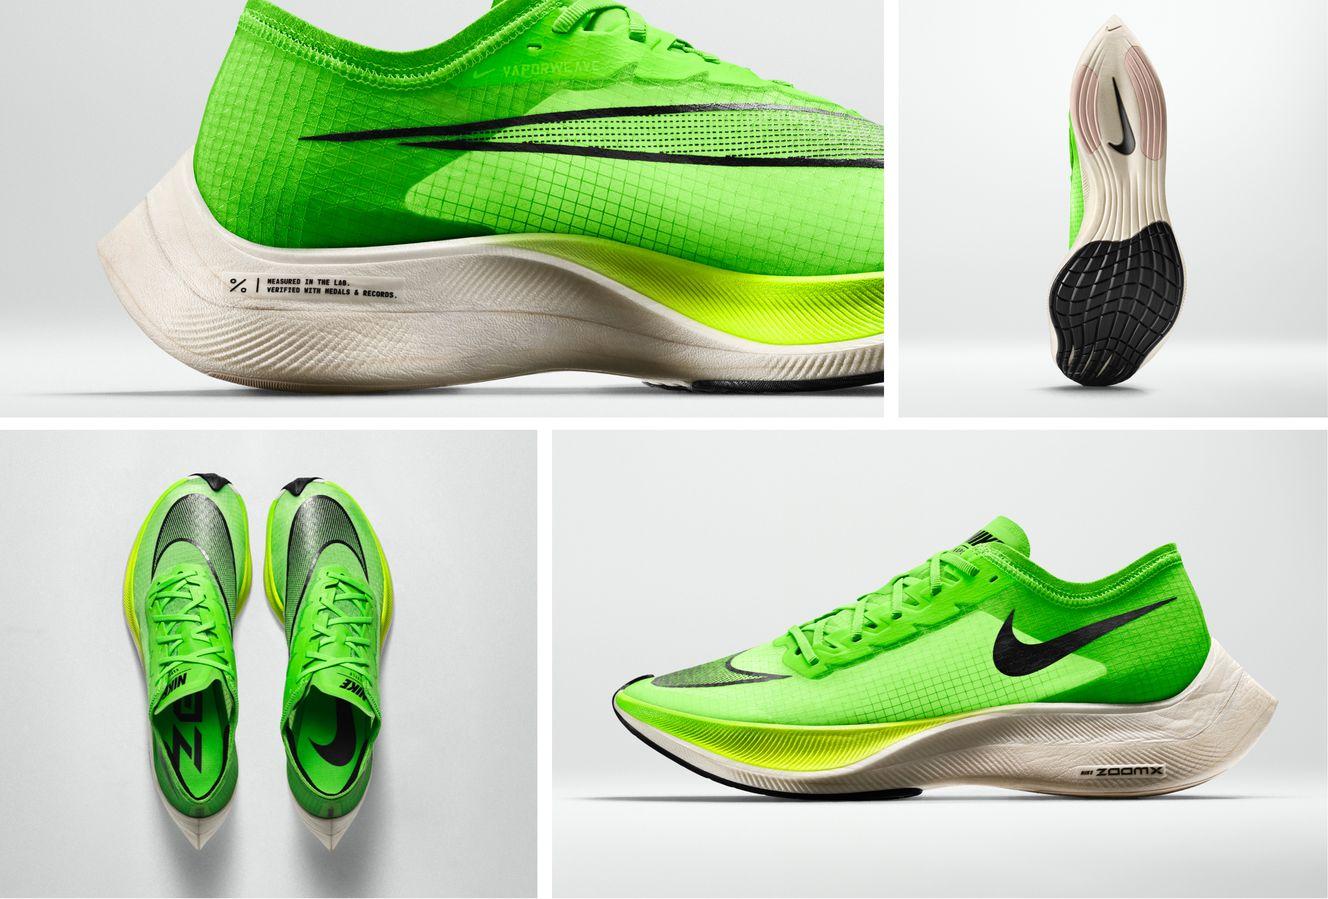 Maakt de Nike Vaporfly je dan toch echt sneller? | Sneakerjagers